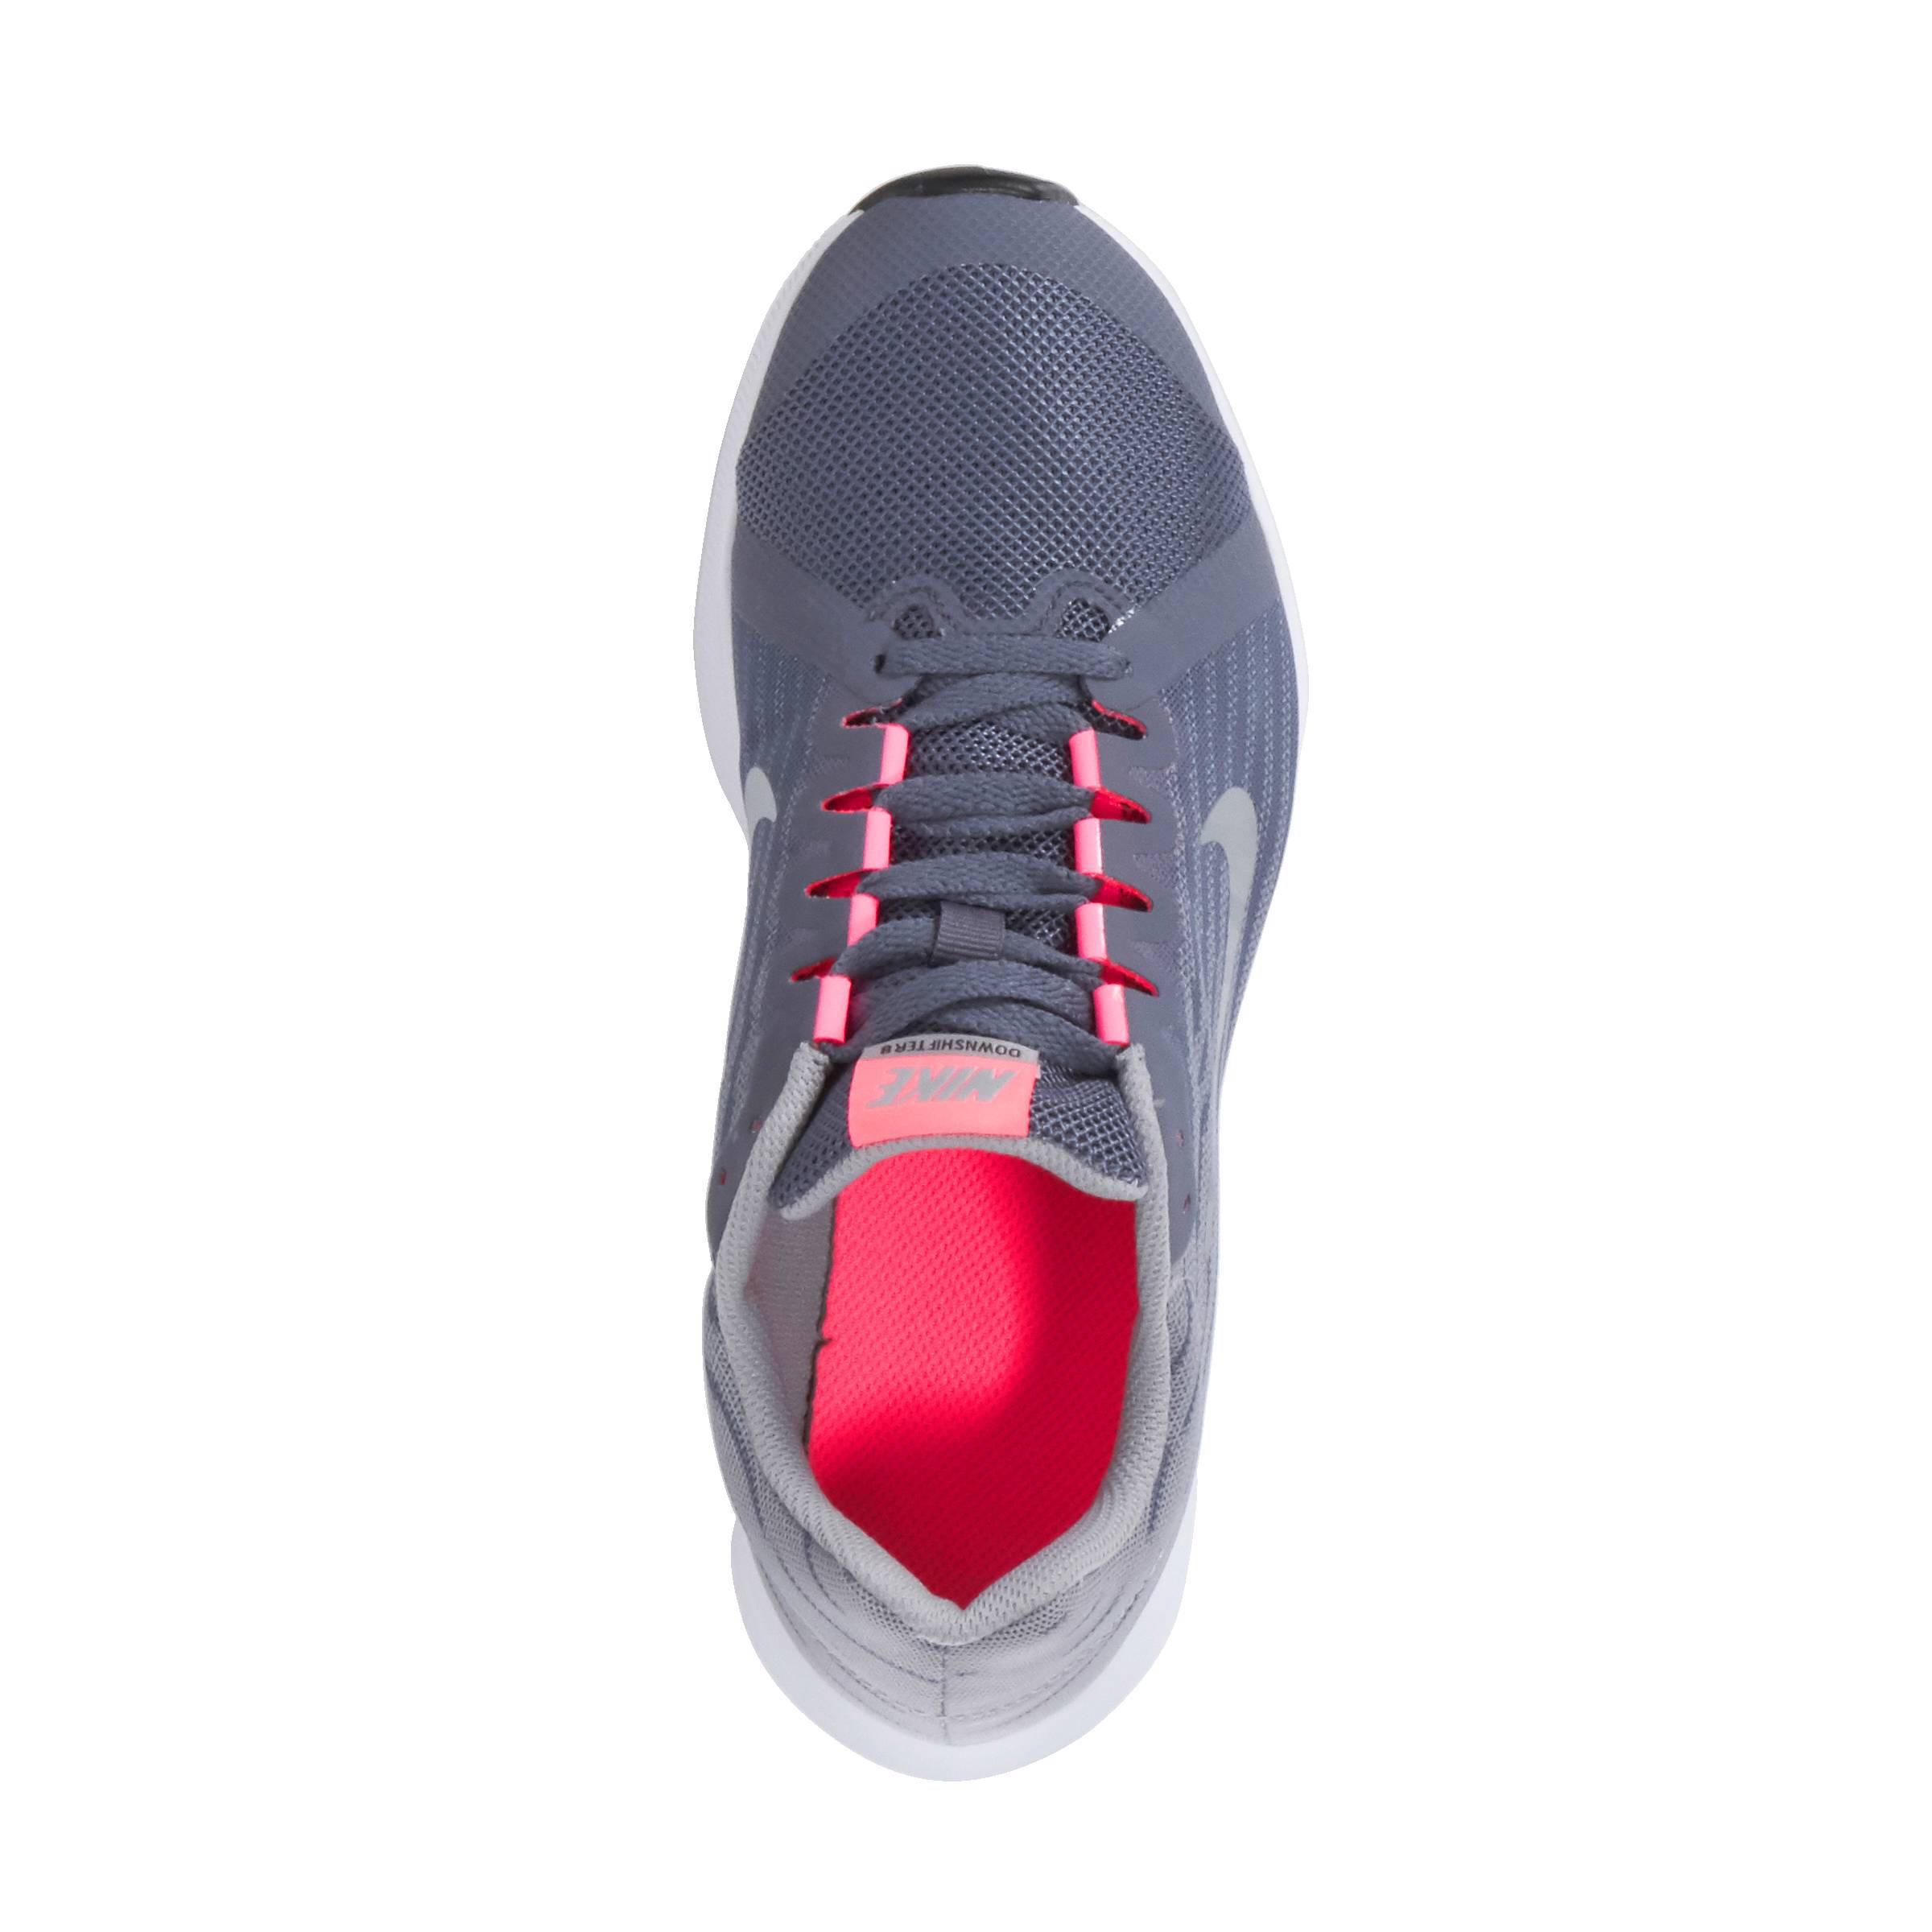 e864302cb93 nike-downshifter-8-sneakers-grijs-0826218901904.jpg